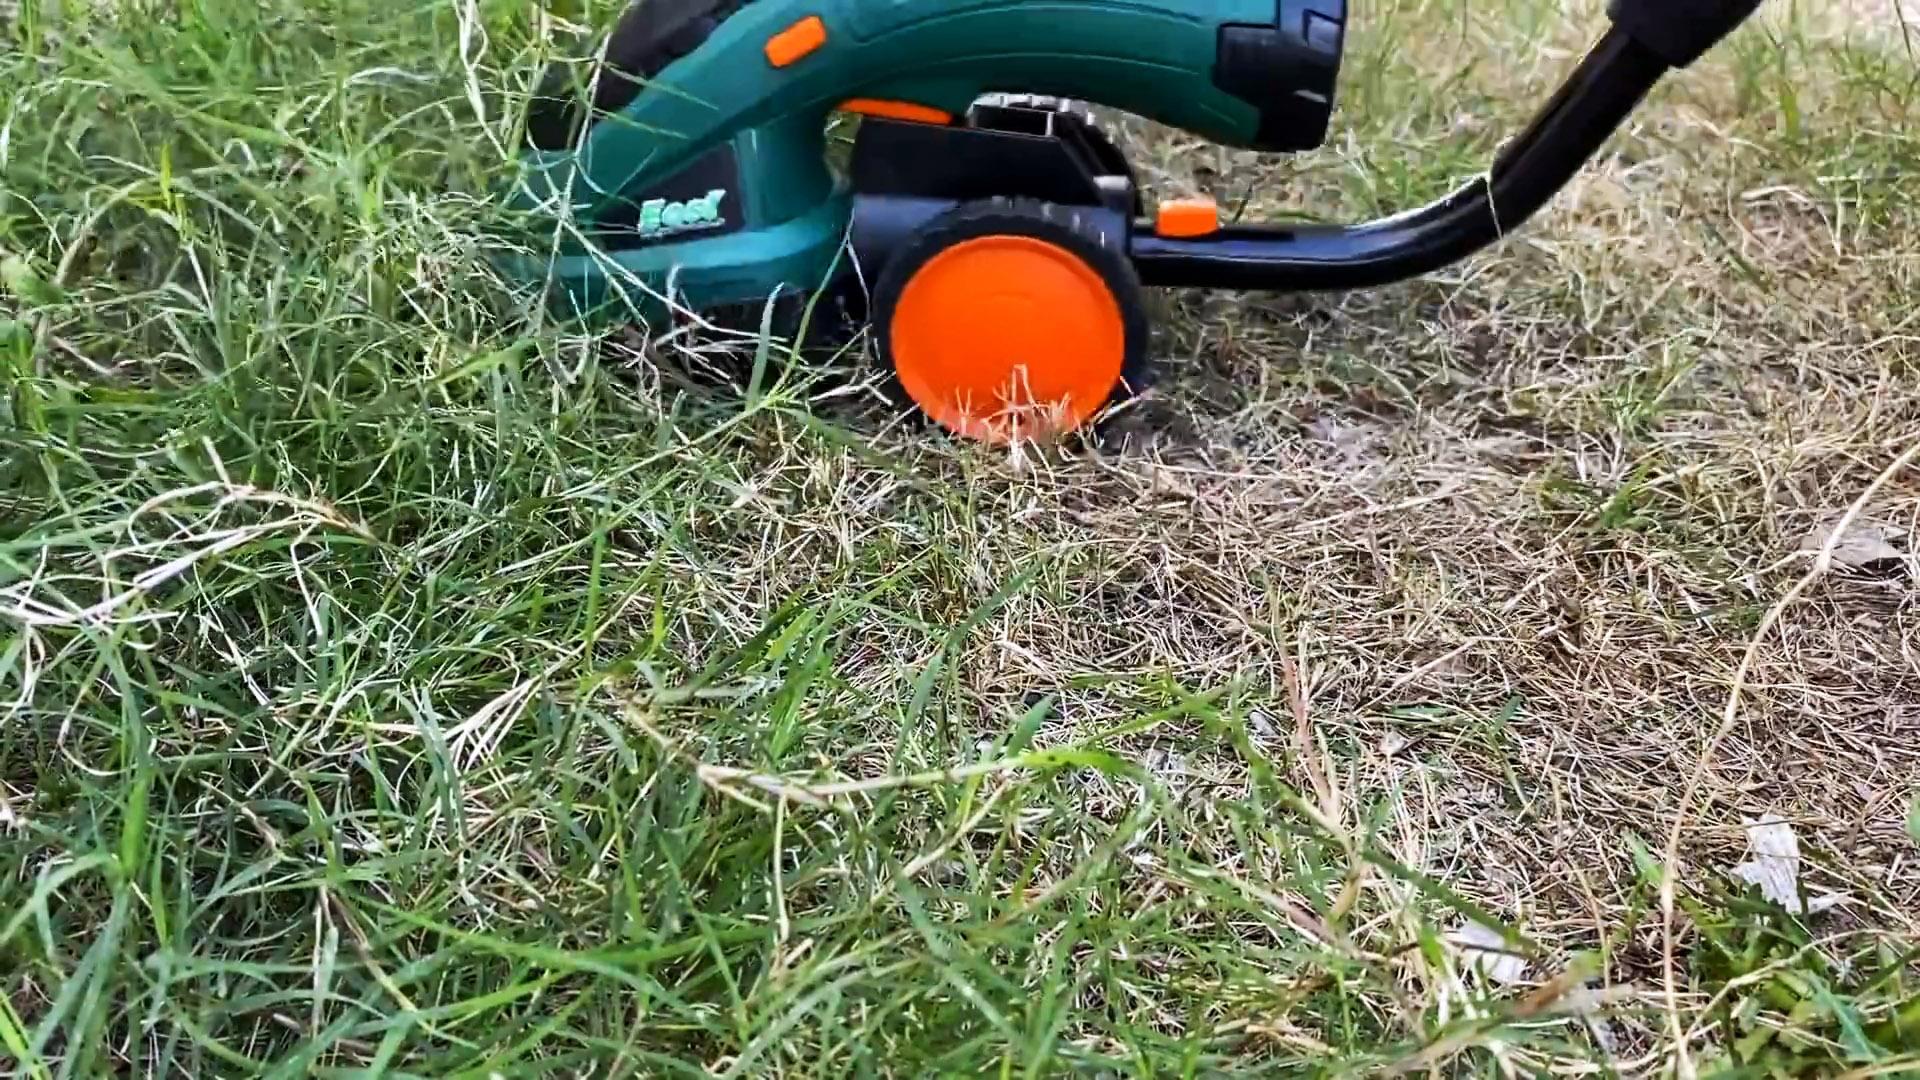 6 инструментов для садовода с Али экспресс, которые облегчат жизнь